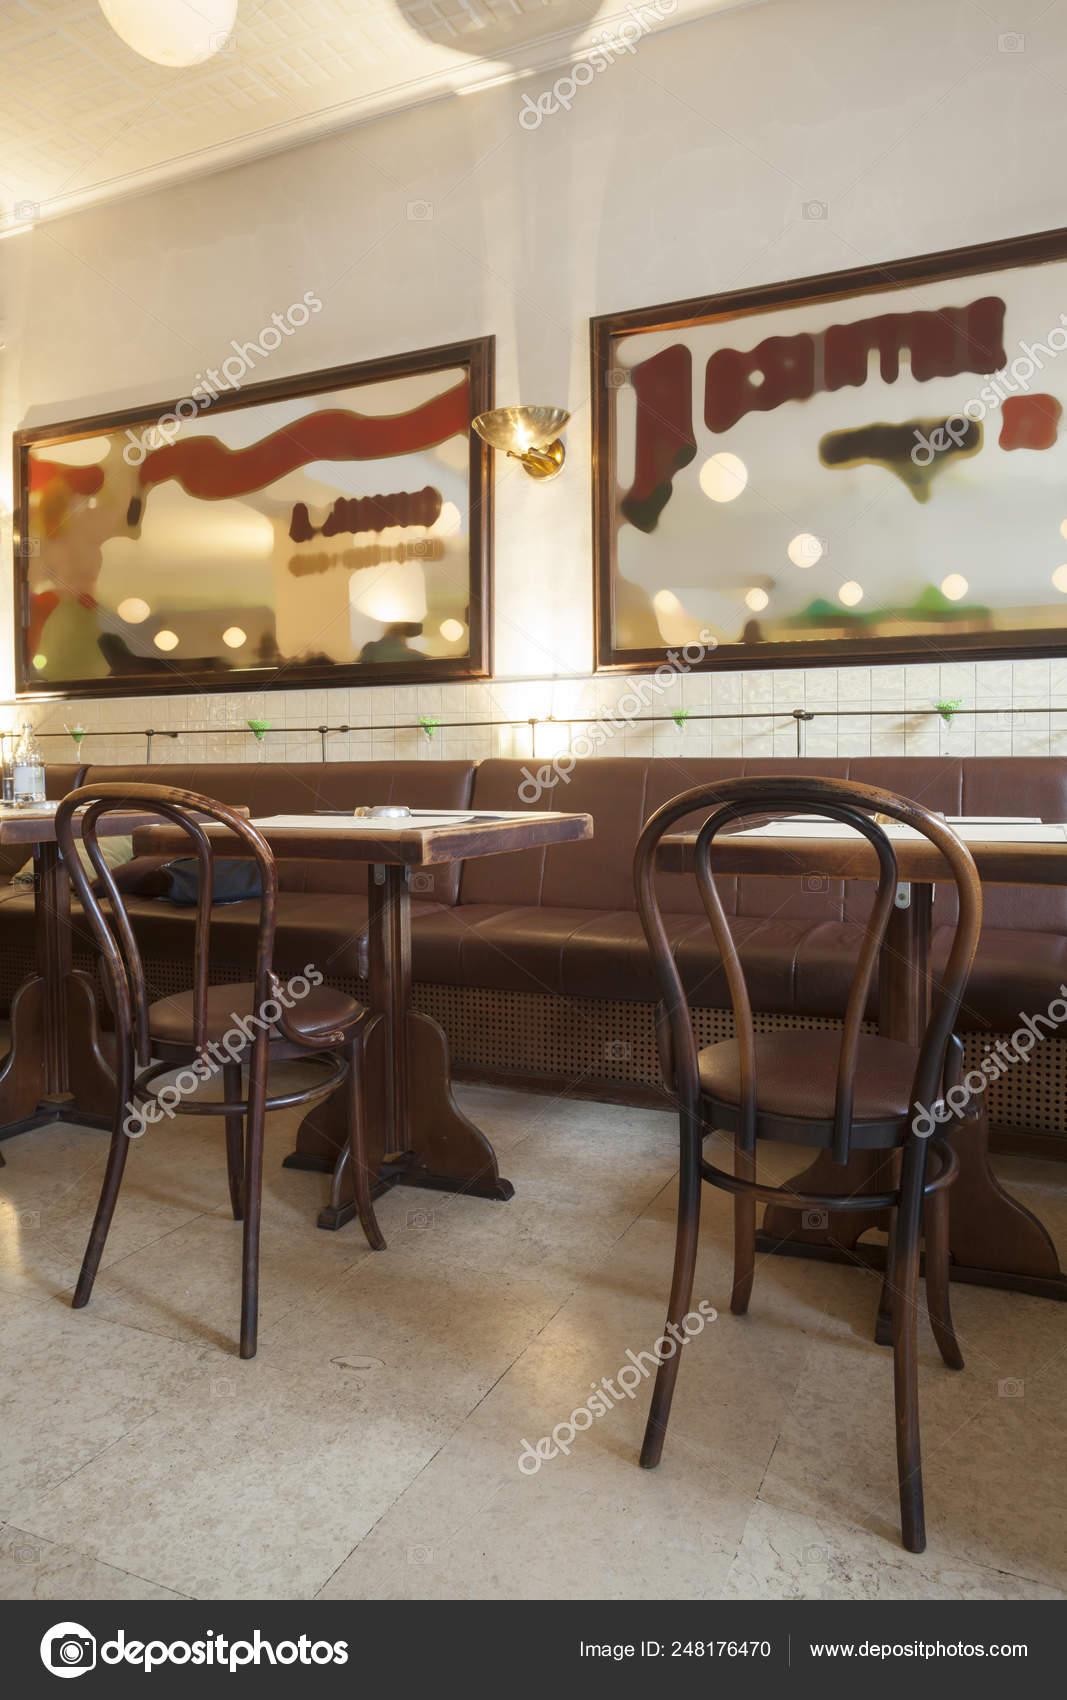 Stylish Modern Design Cafe Bar Vintage Style Stock Photo C Arizanko 248176470